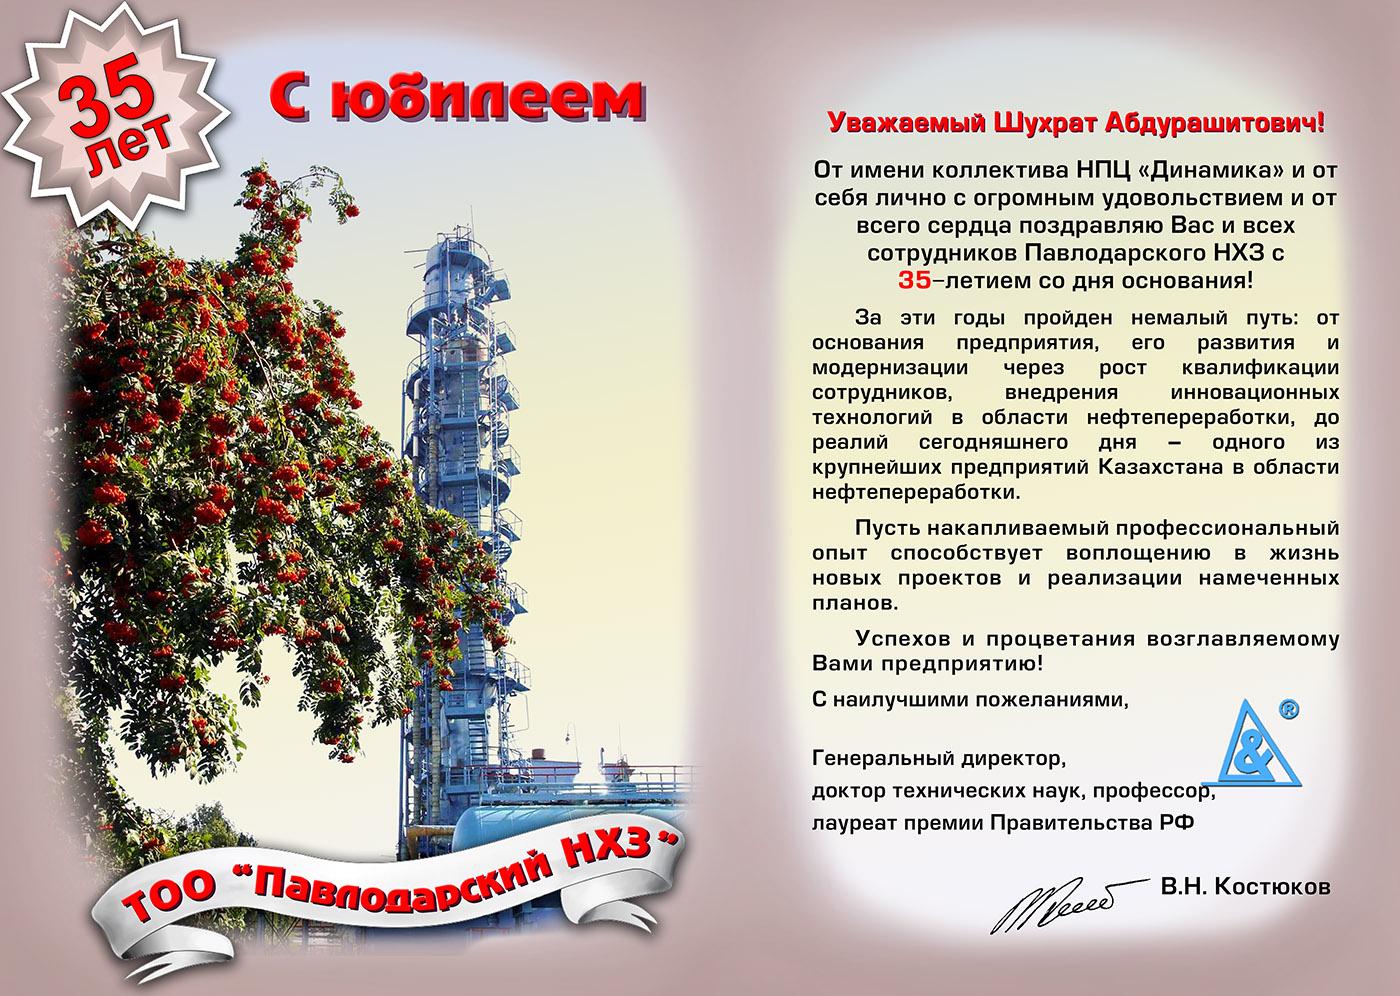 Текст официального поздравления коллективу